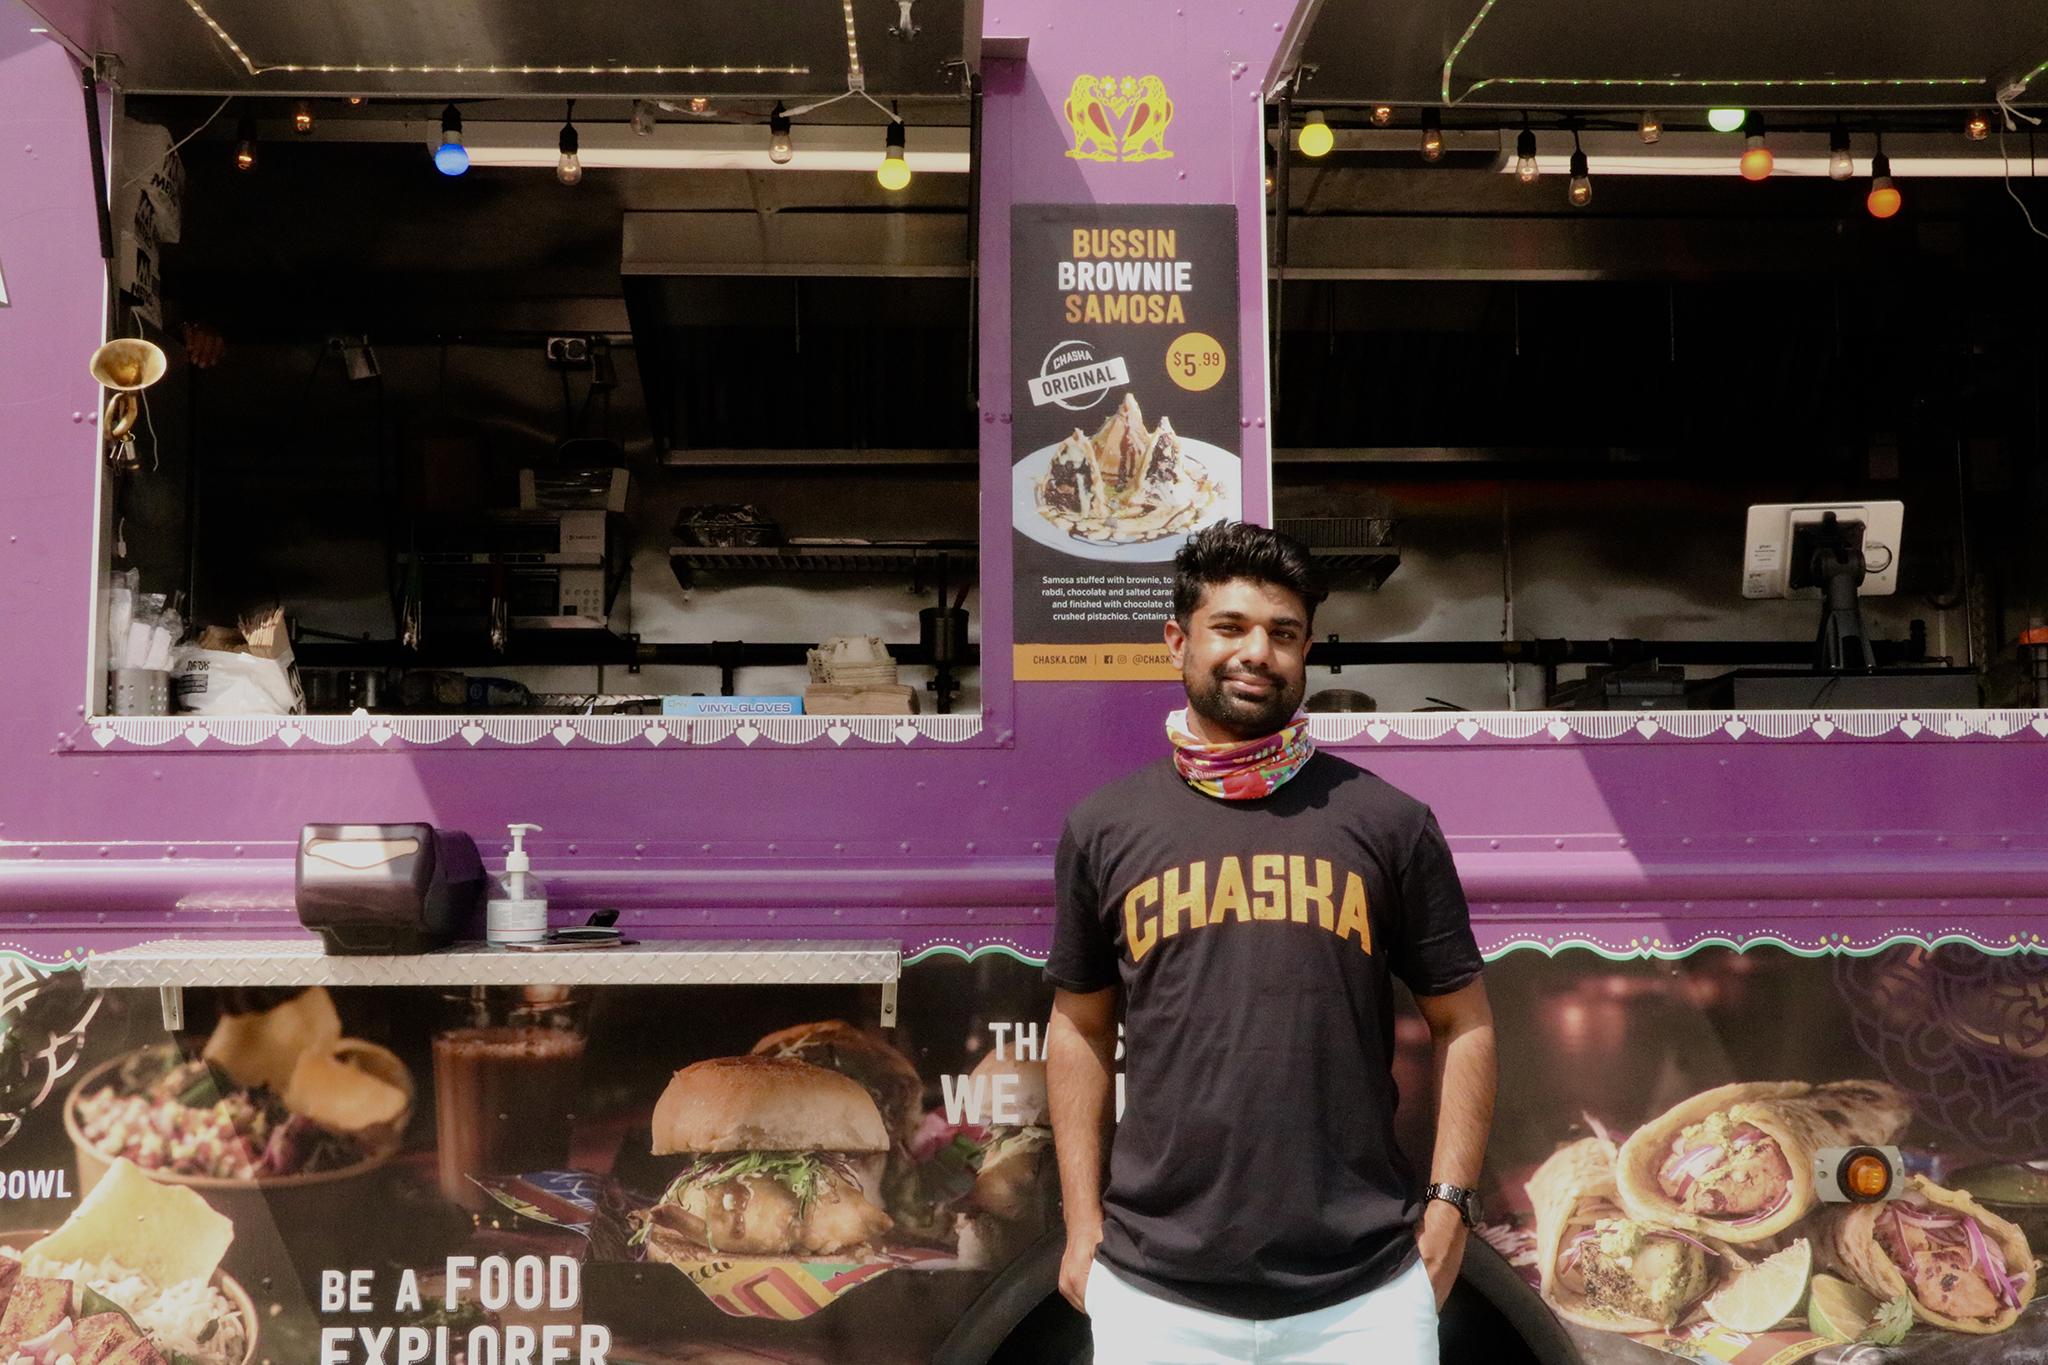 chaska food truck